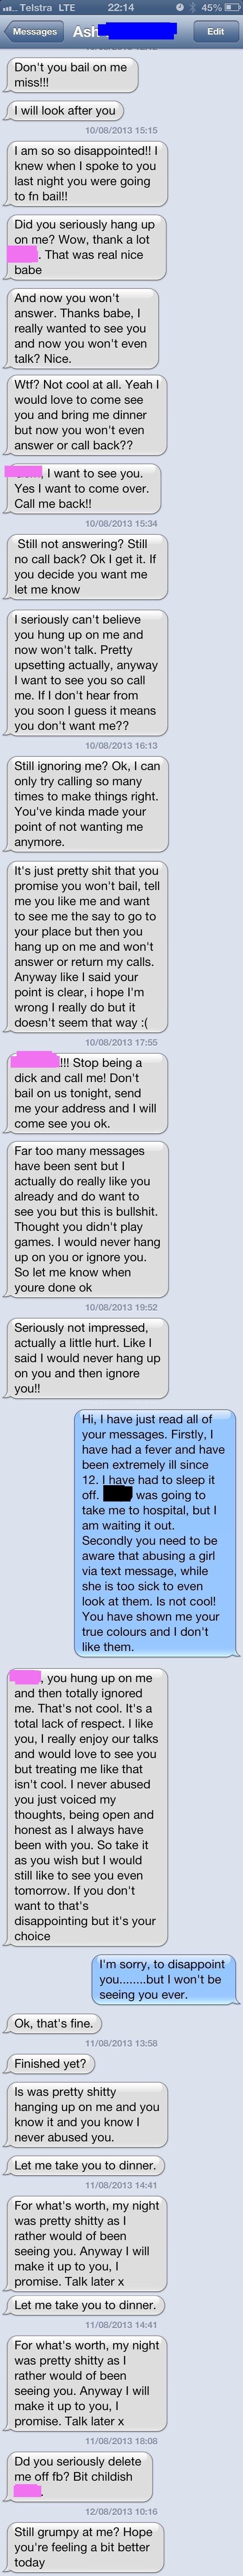 clinger cringe texting dating - 8759640320